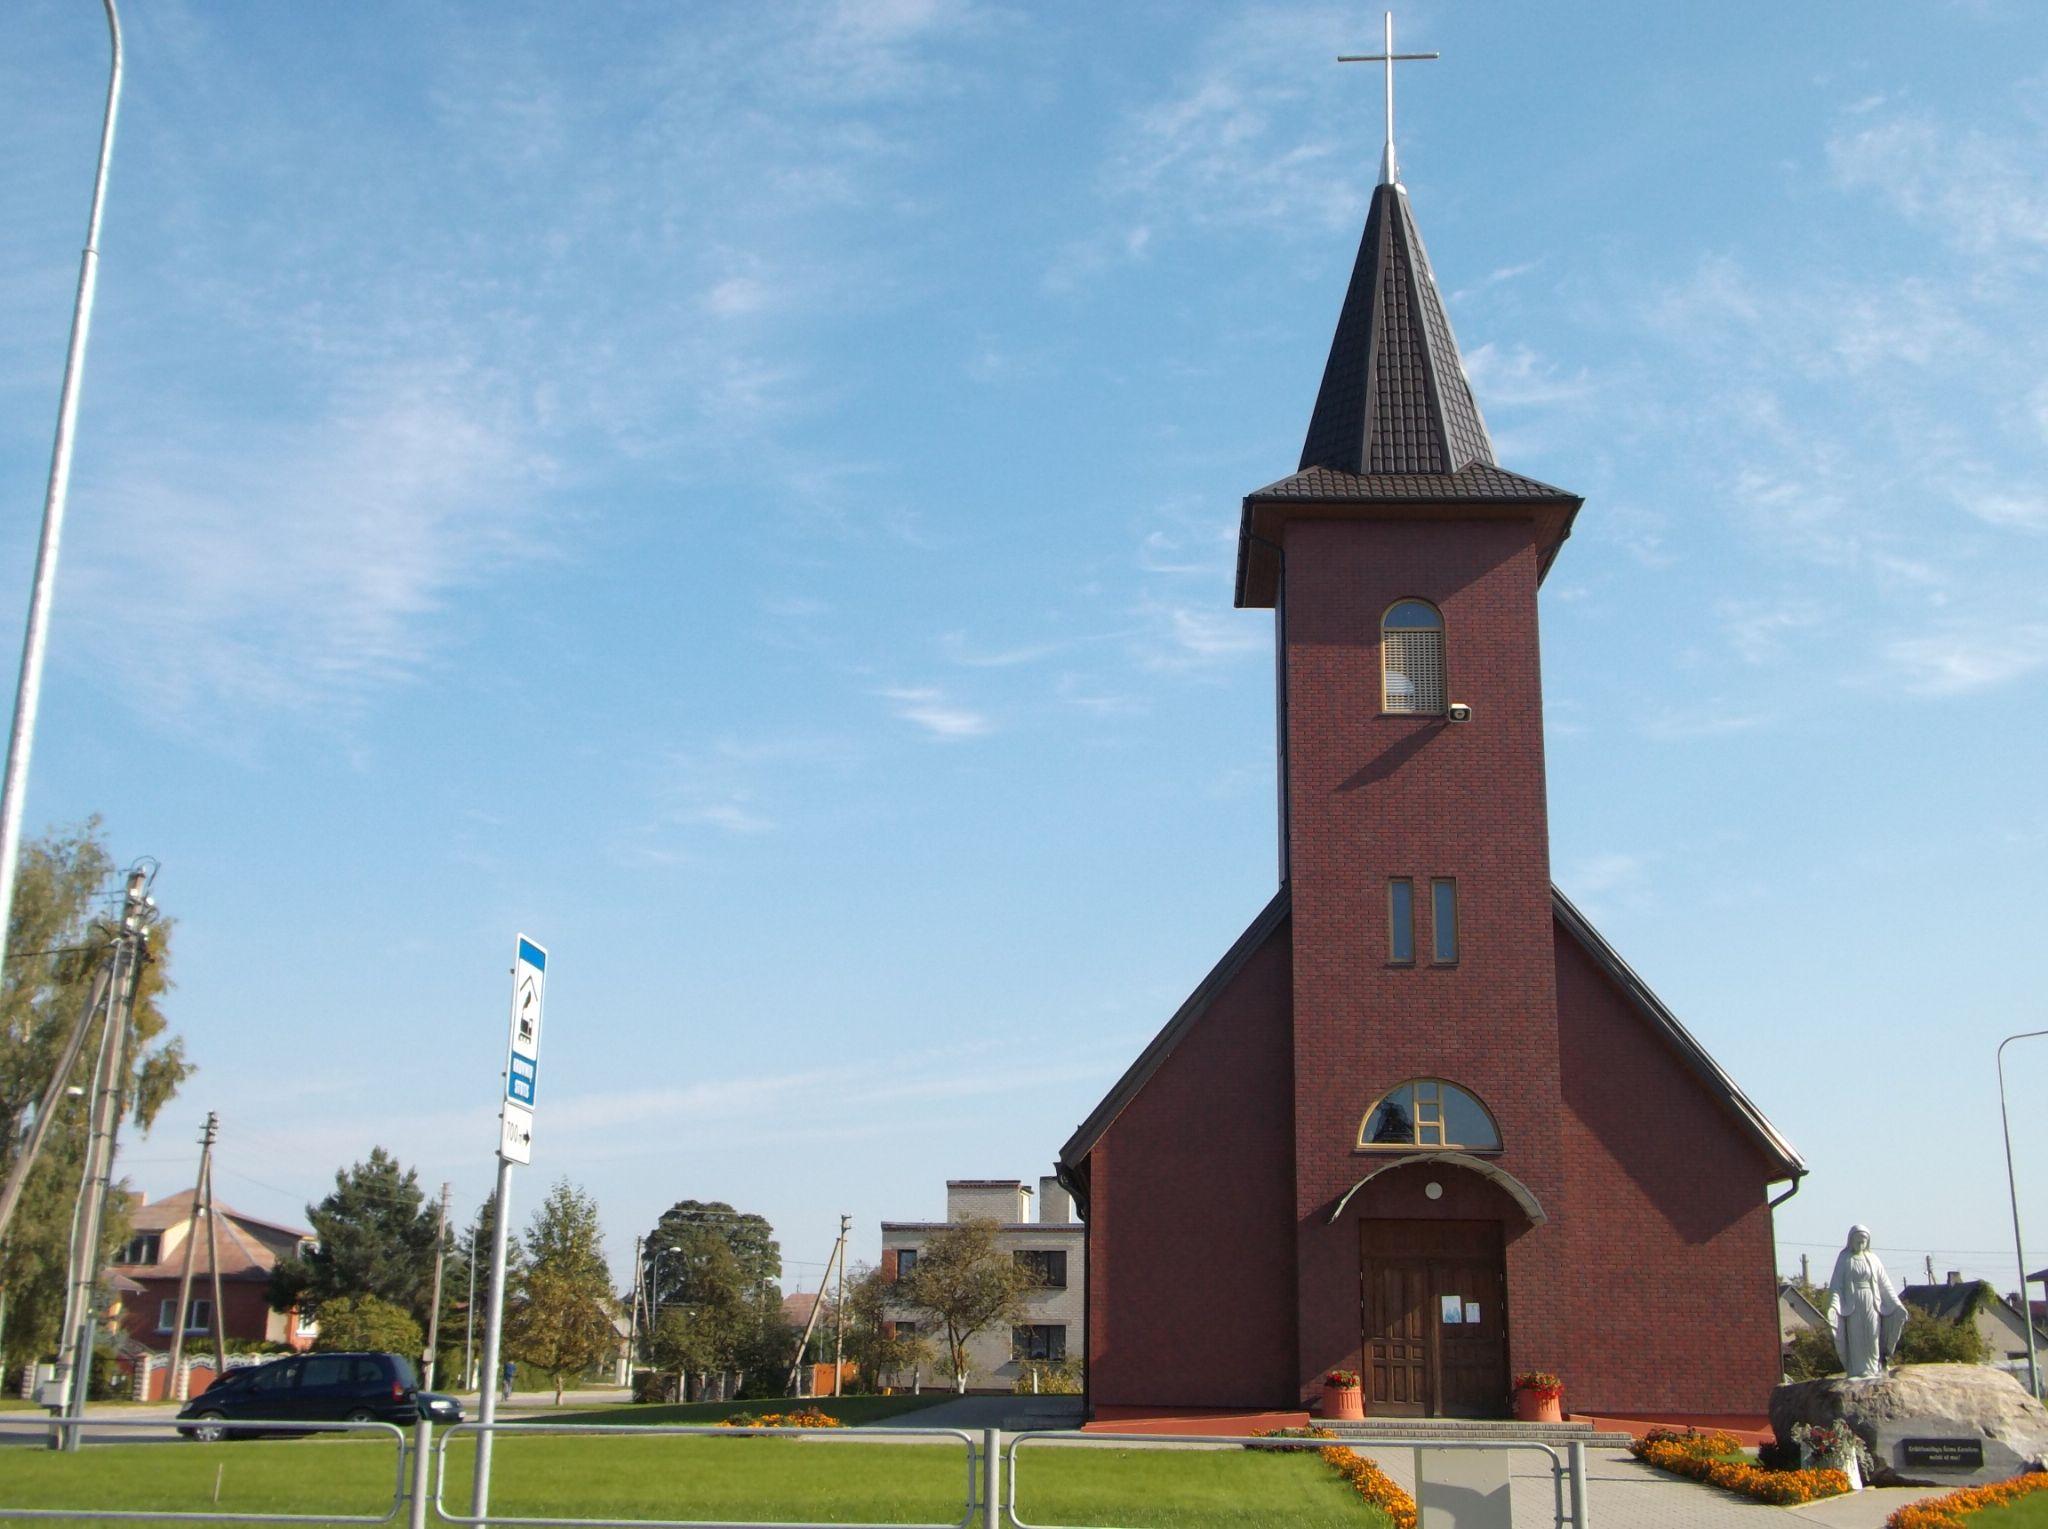 Town church. by Zita Užkuraitienė